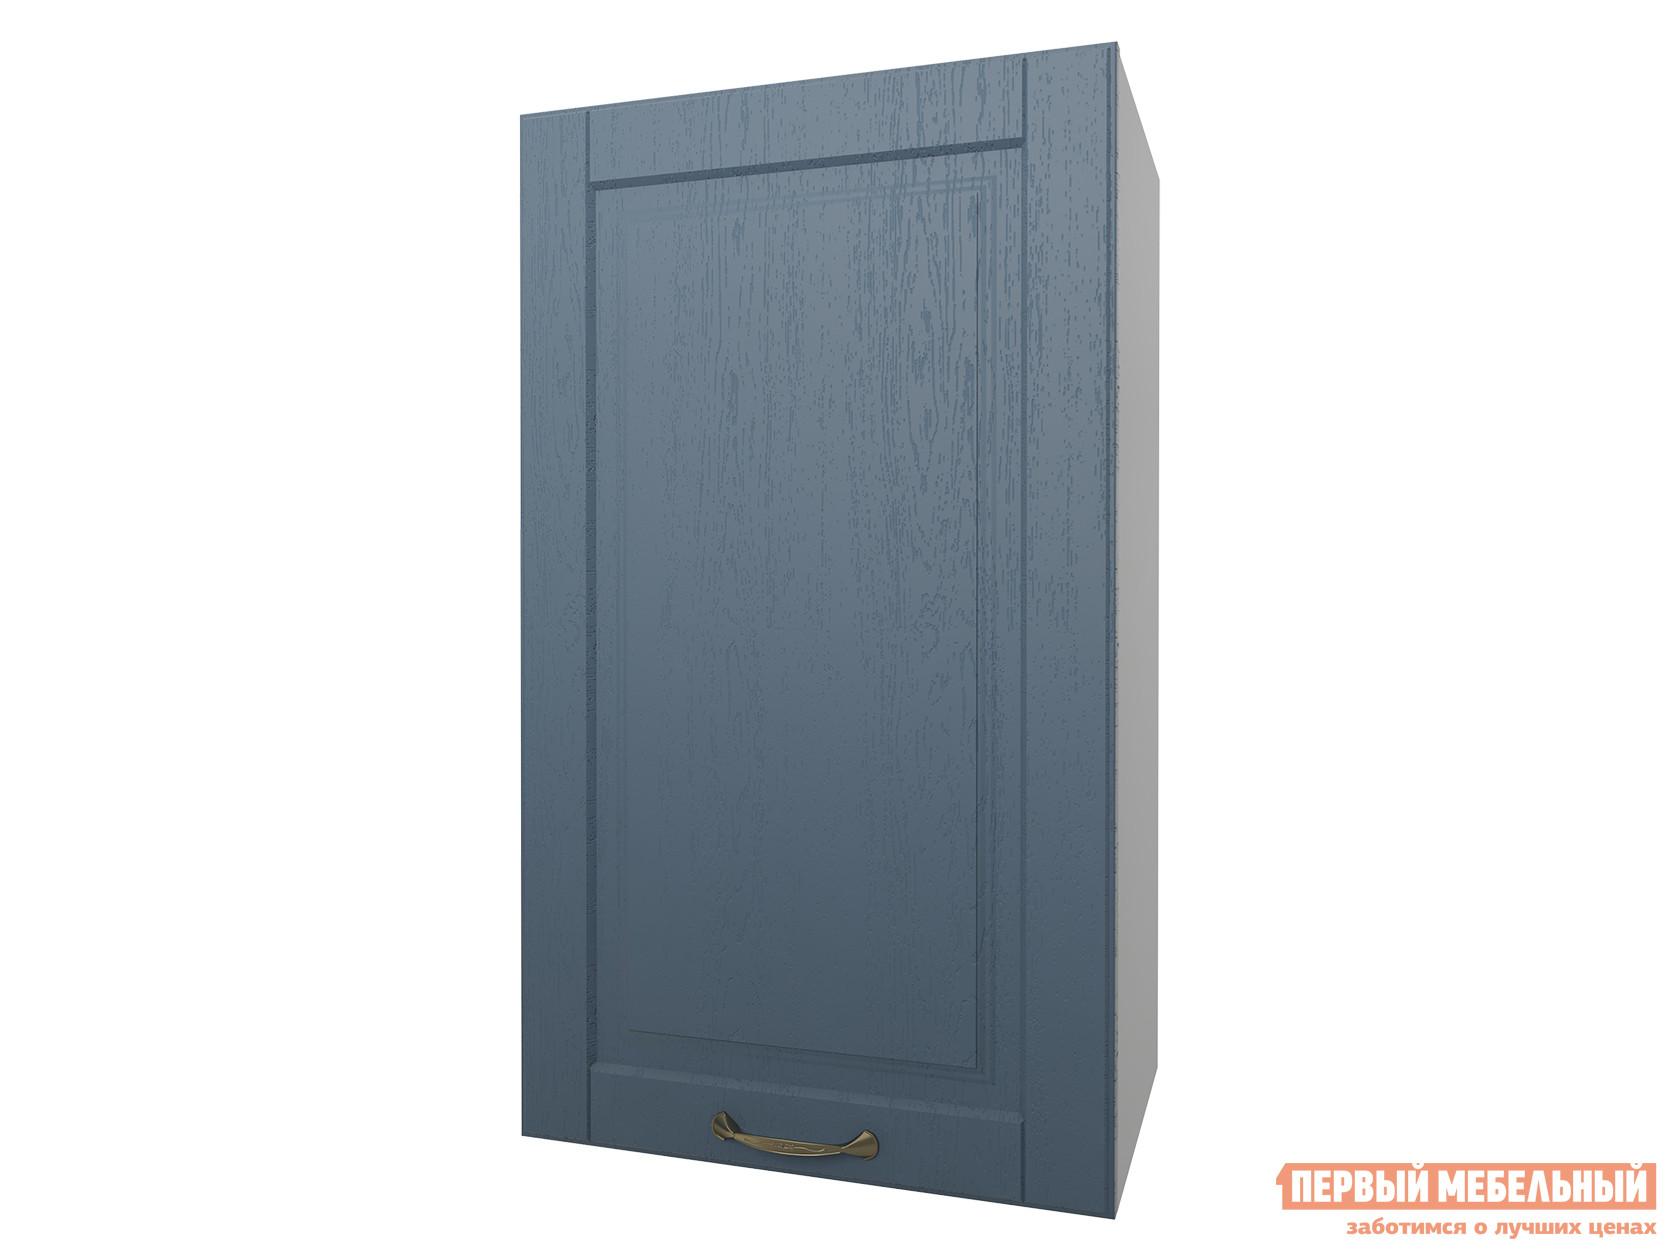 Шкаф с полками ПМ: РДМ Шкаф 1 дверь 40 см Палермо Деним